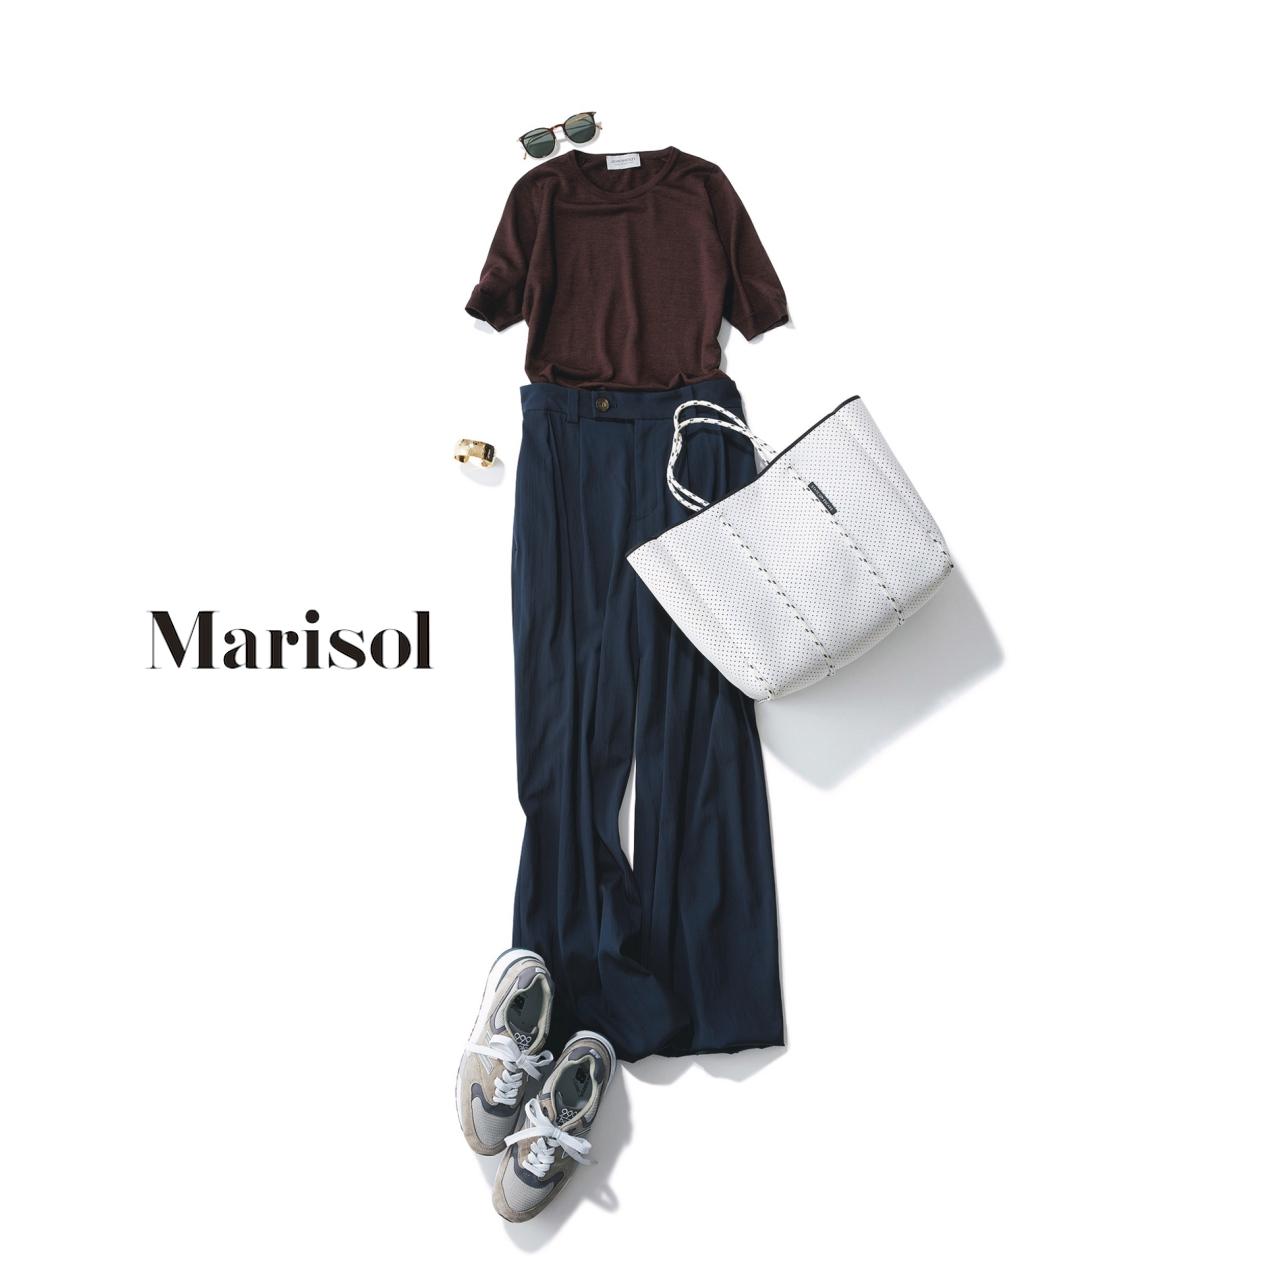 ファッション スニーカー×ワイドパンツコーデ